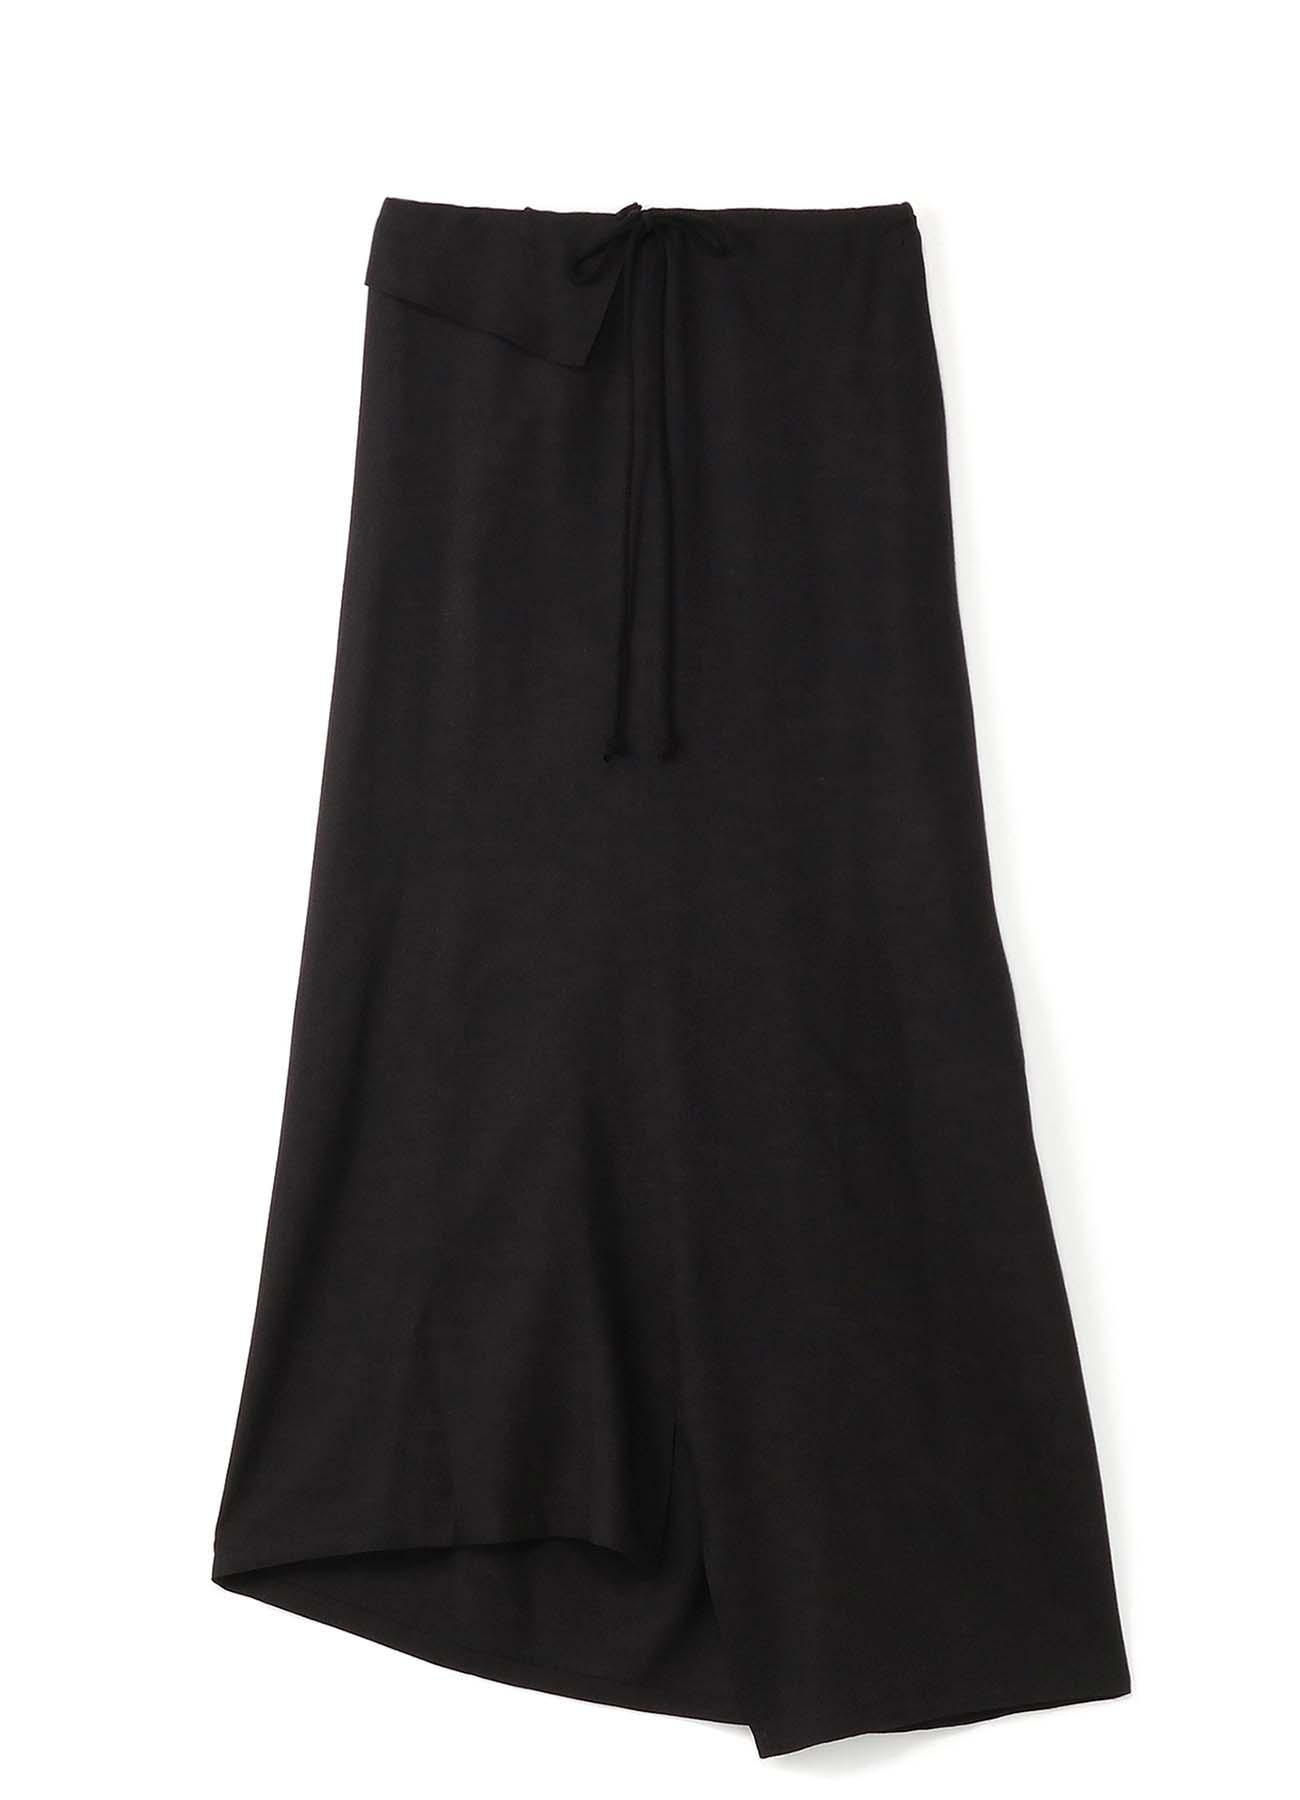 人造丝×亚麻混纺 轻薄不对称半身裙